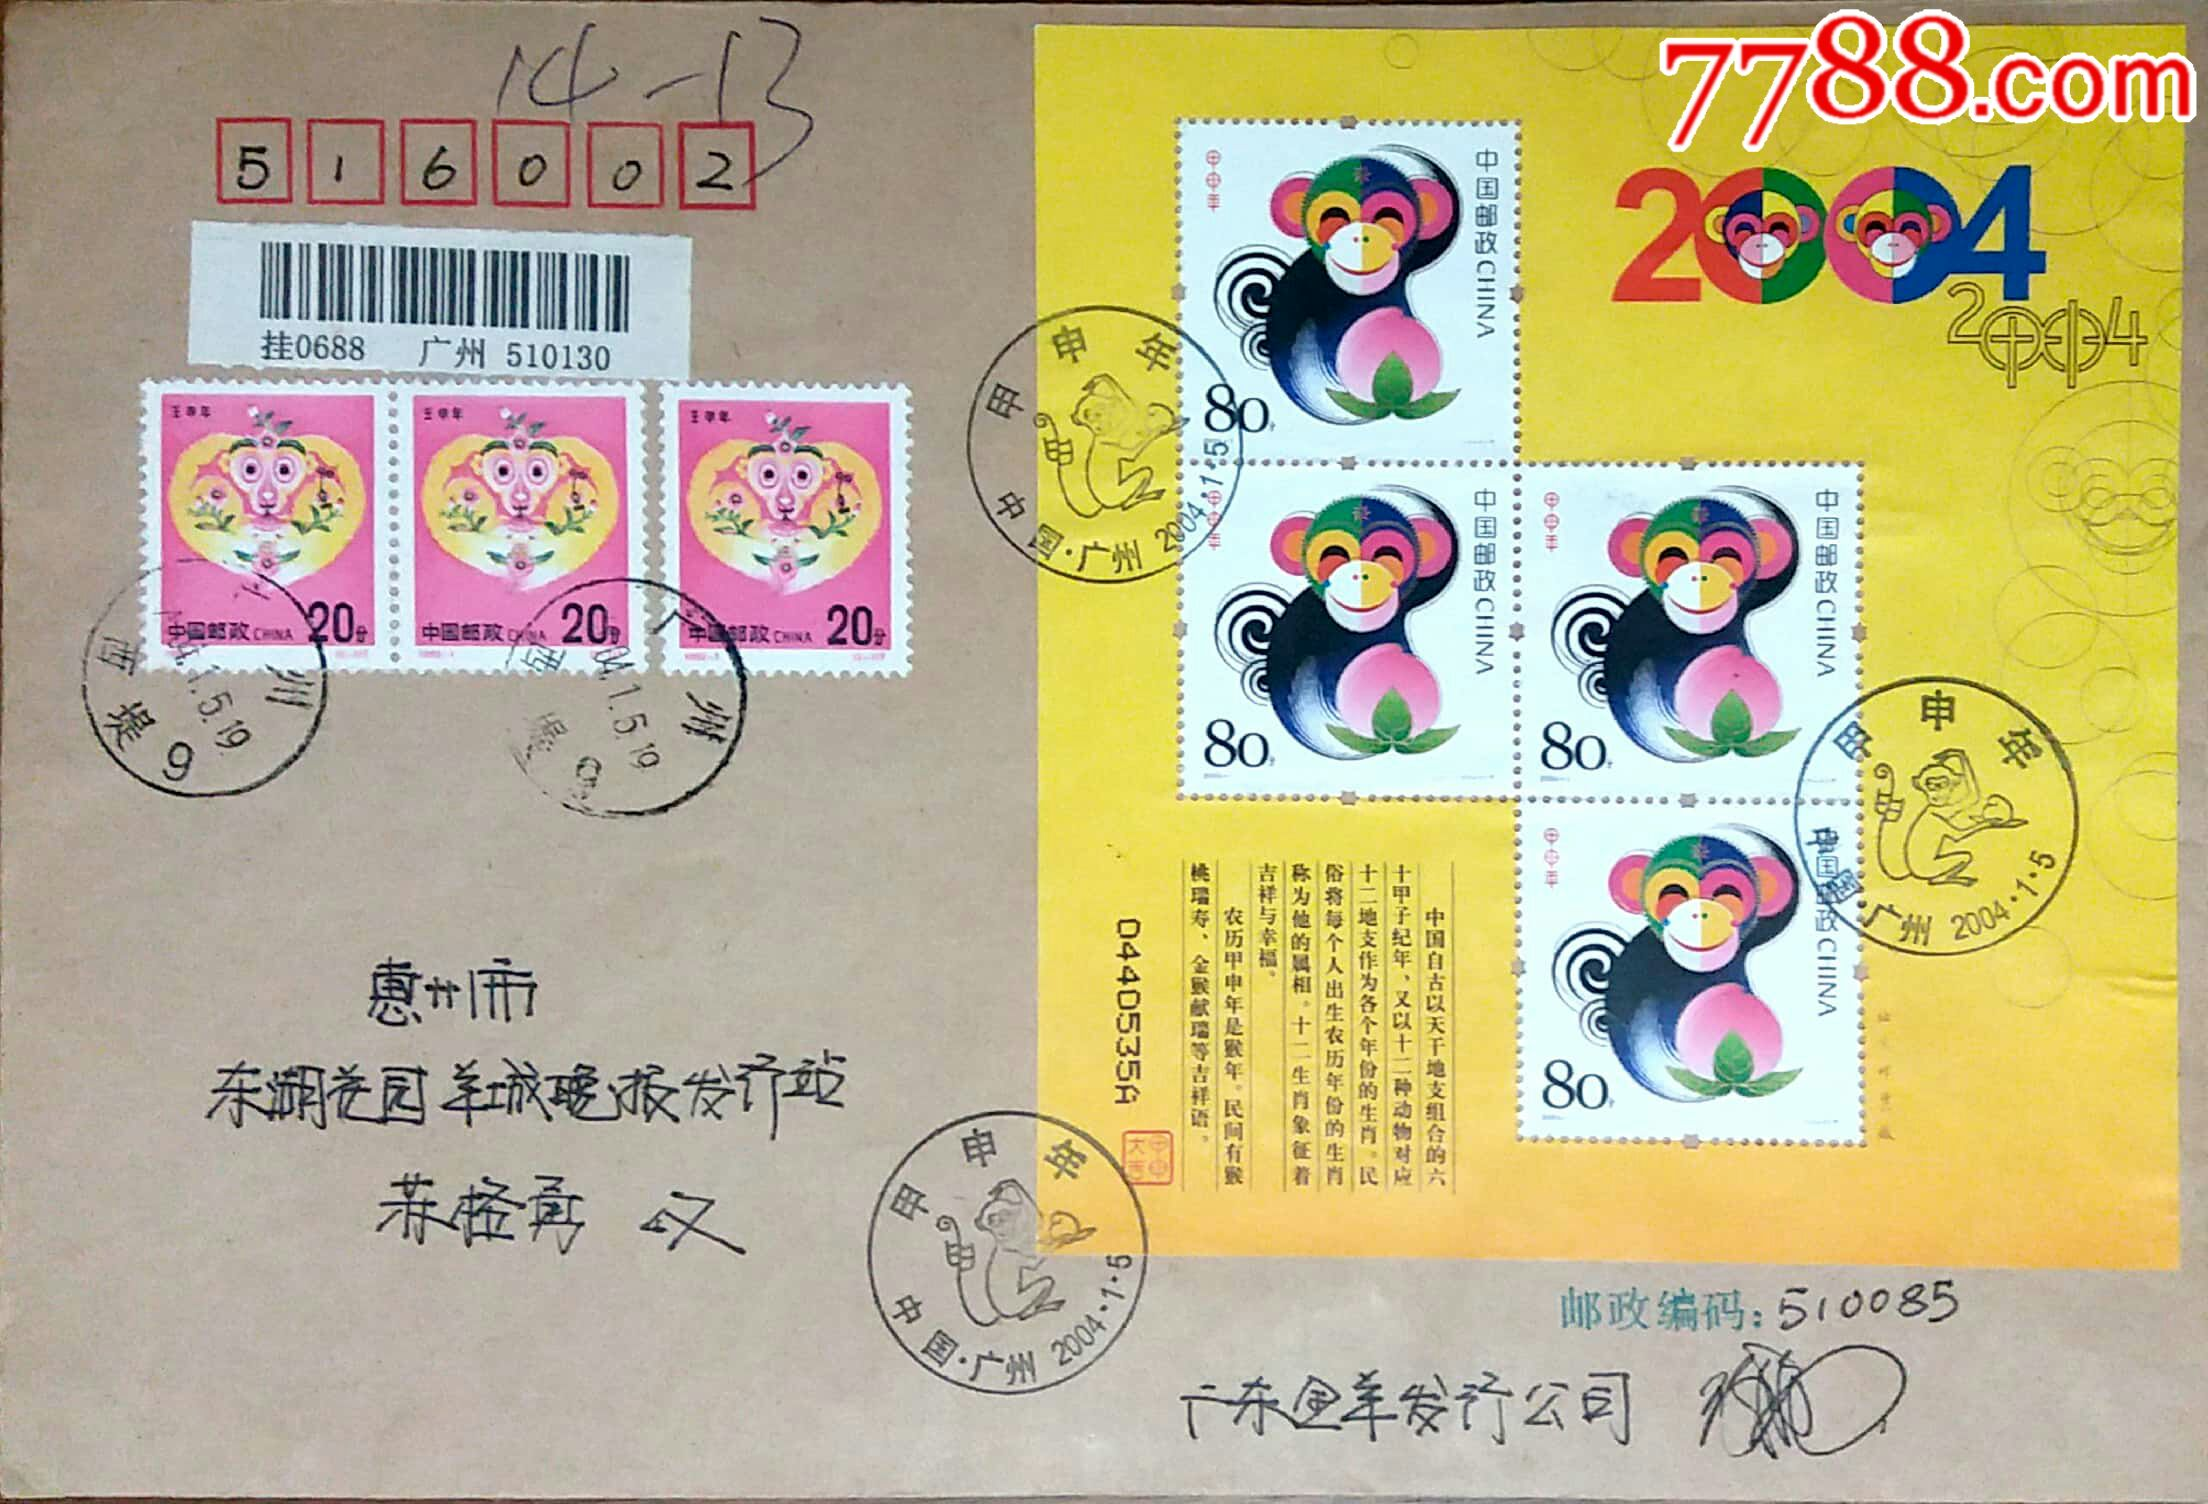 【1元起拍】2004-1《甲申年》猴赠版张广州首日挂寄(au21778077)_